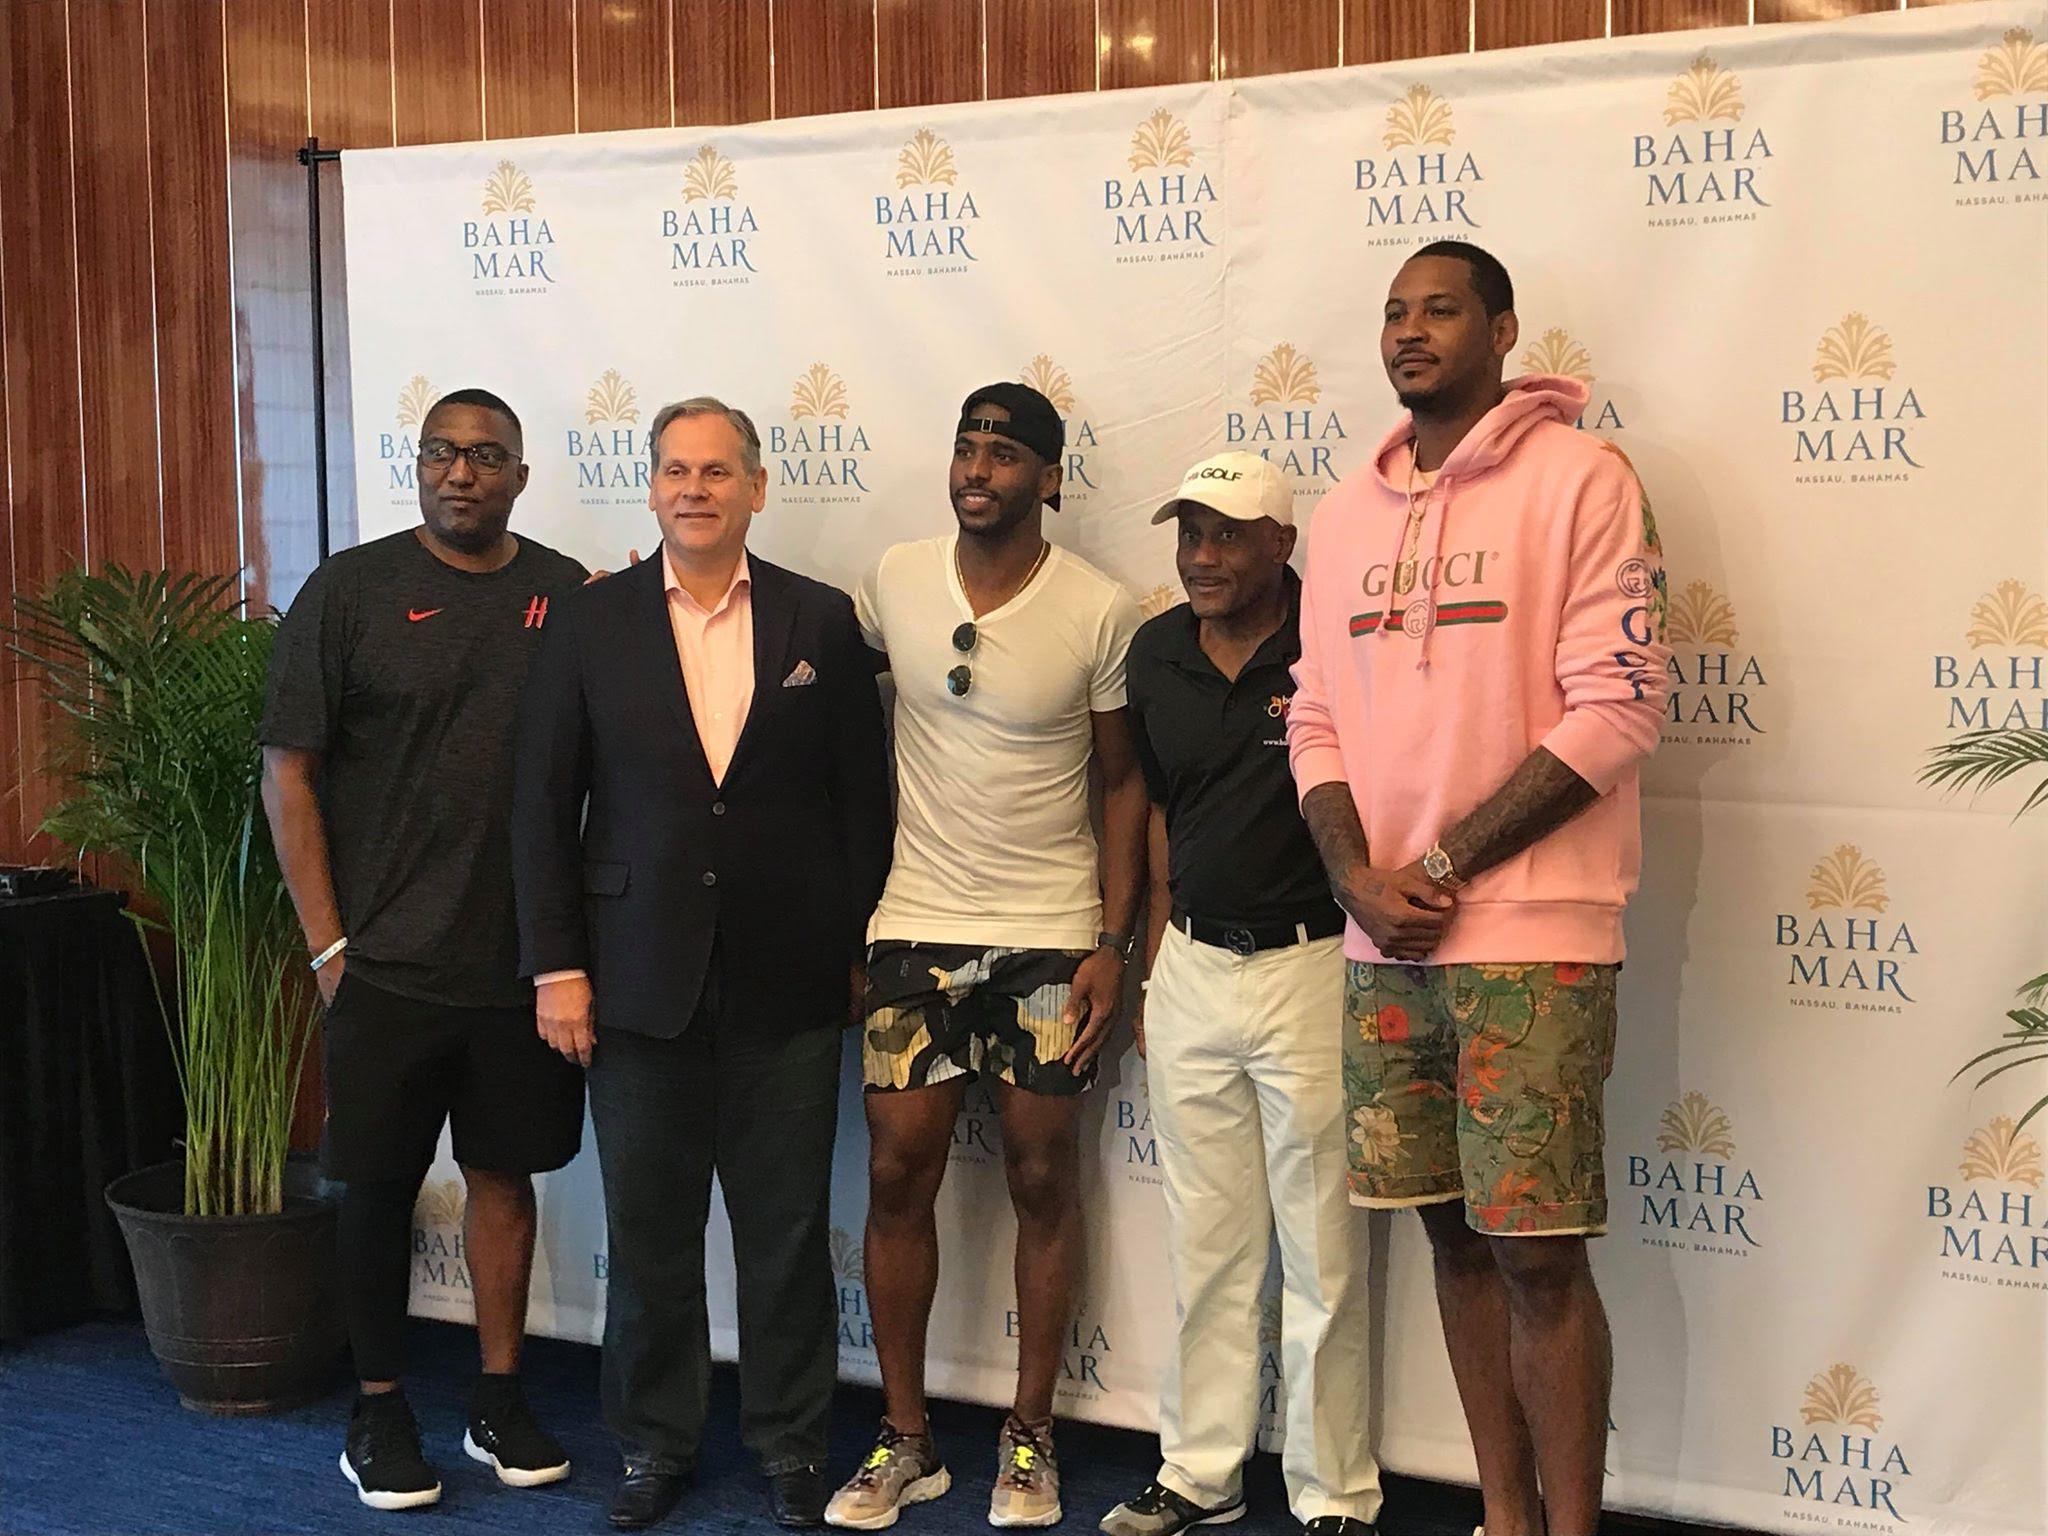 Rockets host Bahamas training camp